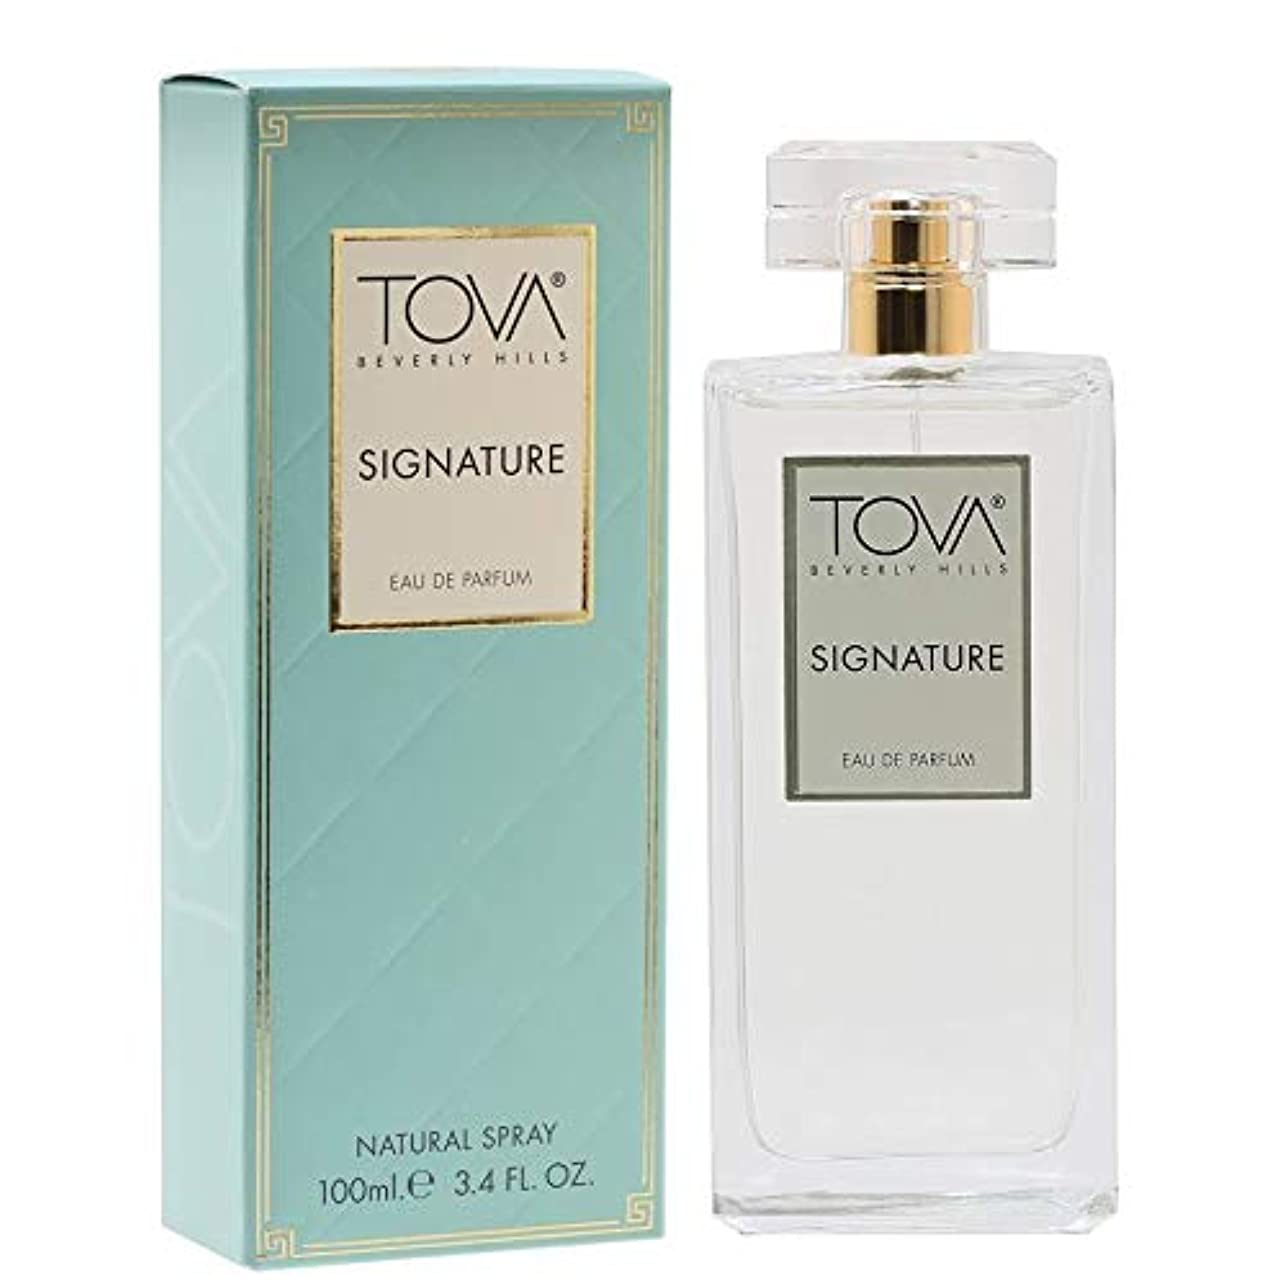 戸口驚くべきリテラシーTova Signature Fragrance (トヴァ シグネチャ- フレグランス) 3.4 oz (100ml) EDP Spray (New Package 新デザイン)